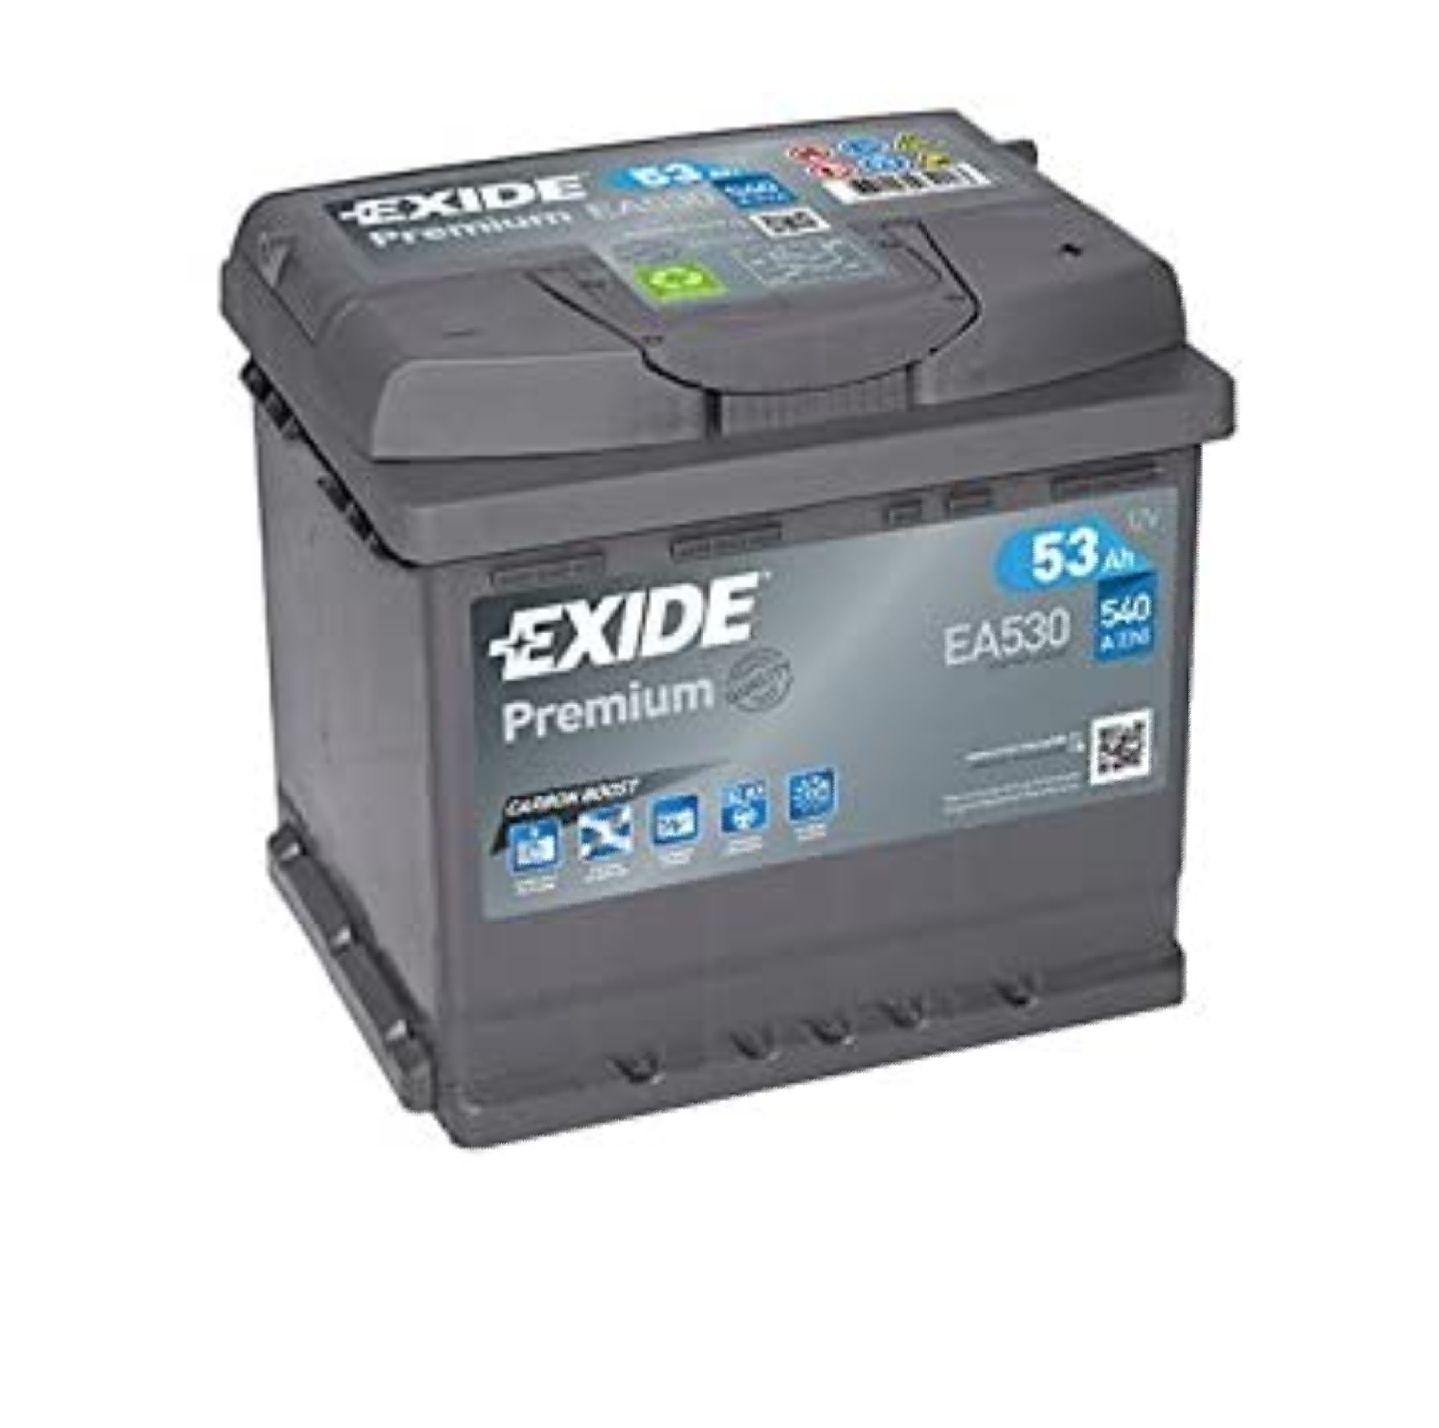 (Eff. 42,01€) Exide EA530 Premium Carbon Boost Autobatterie 12V 53Ah 540A